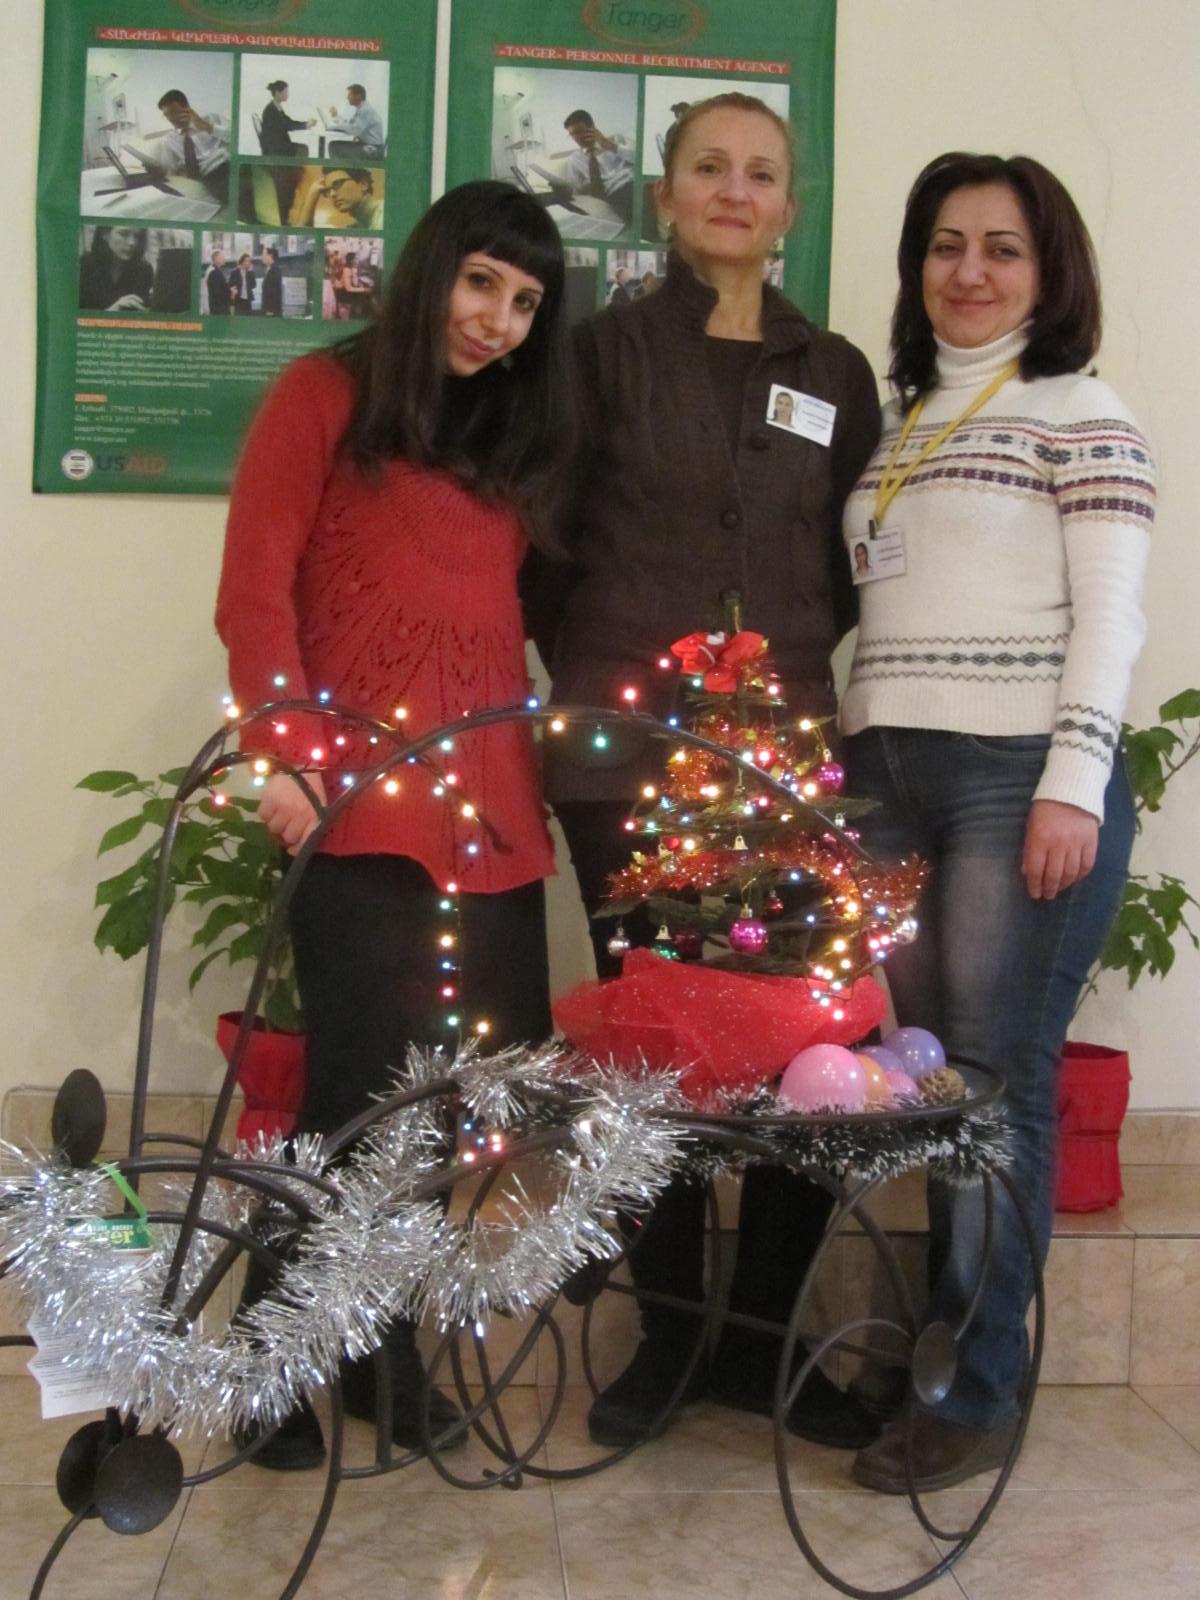 Շնորհավ՛որ գալիք Ամանոր և Սուրբ Ծնունդ